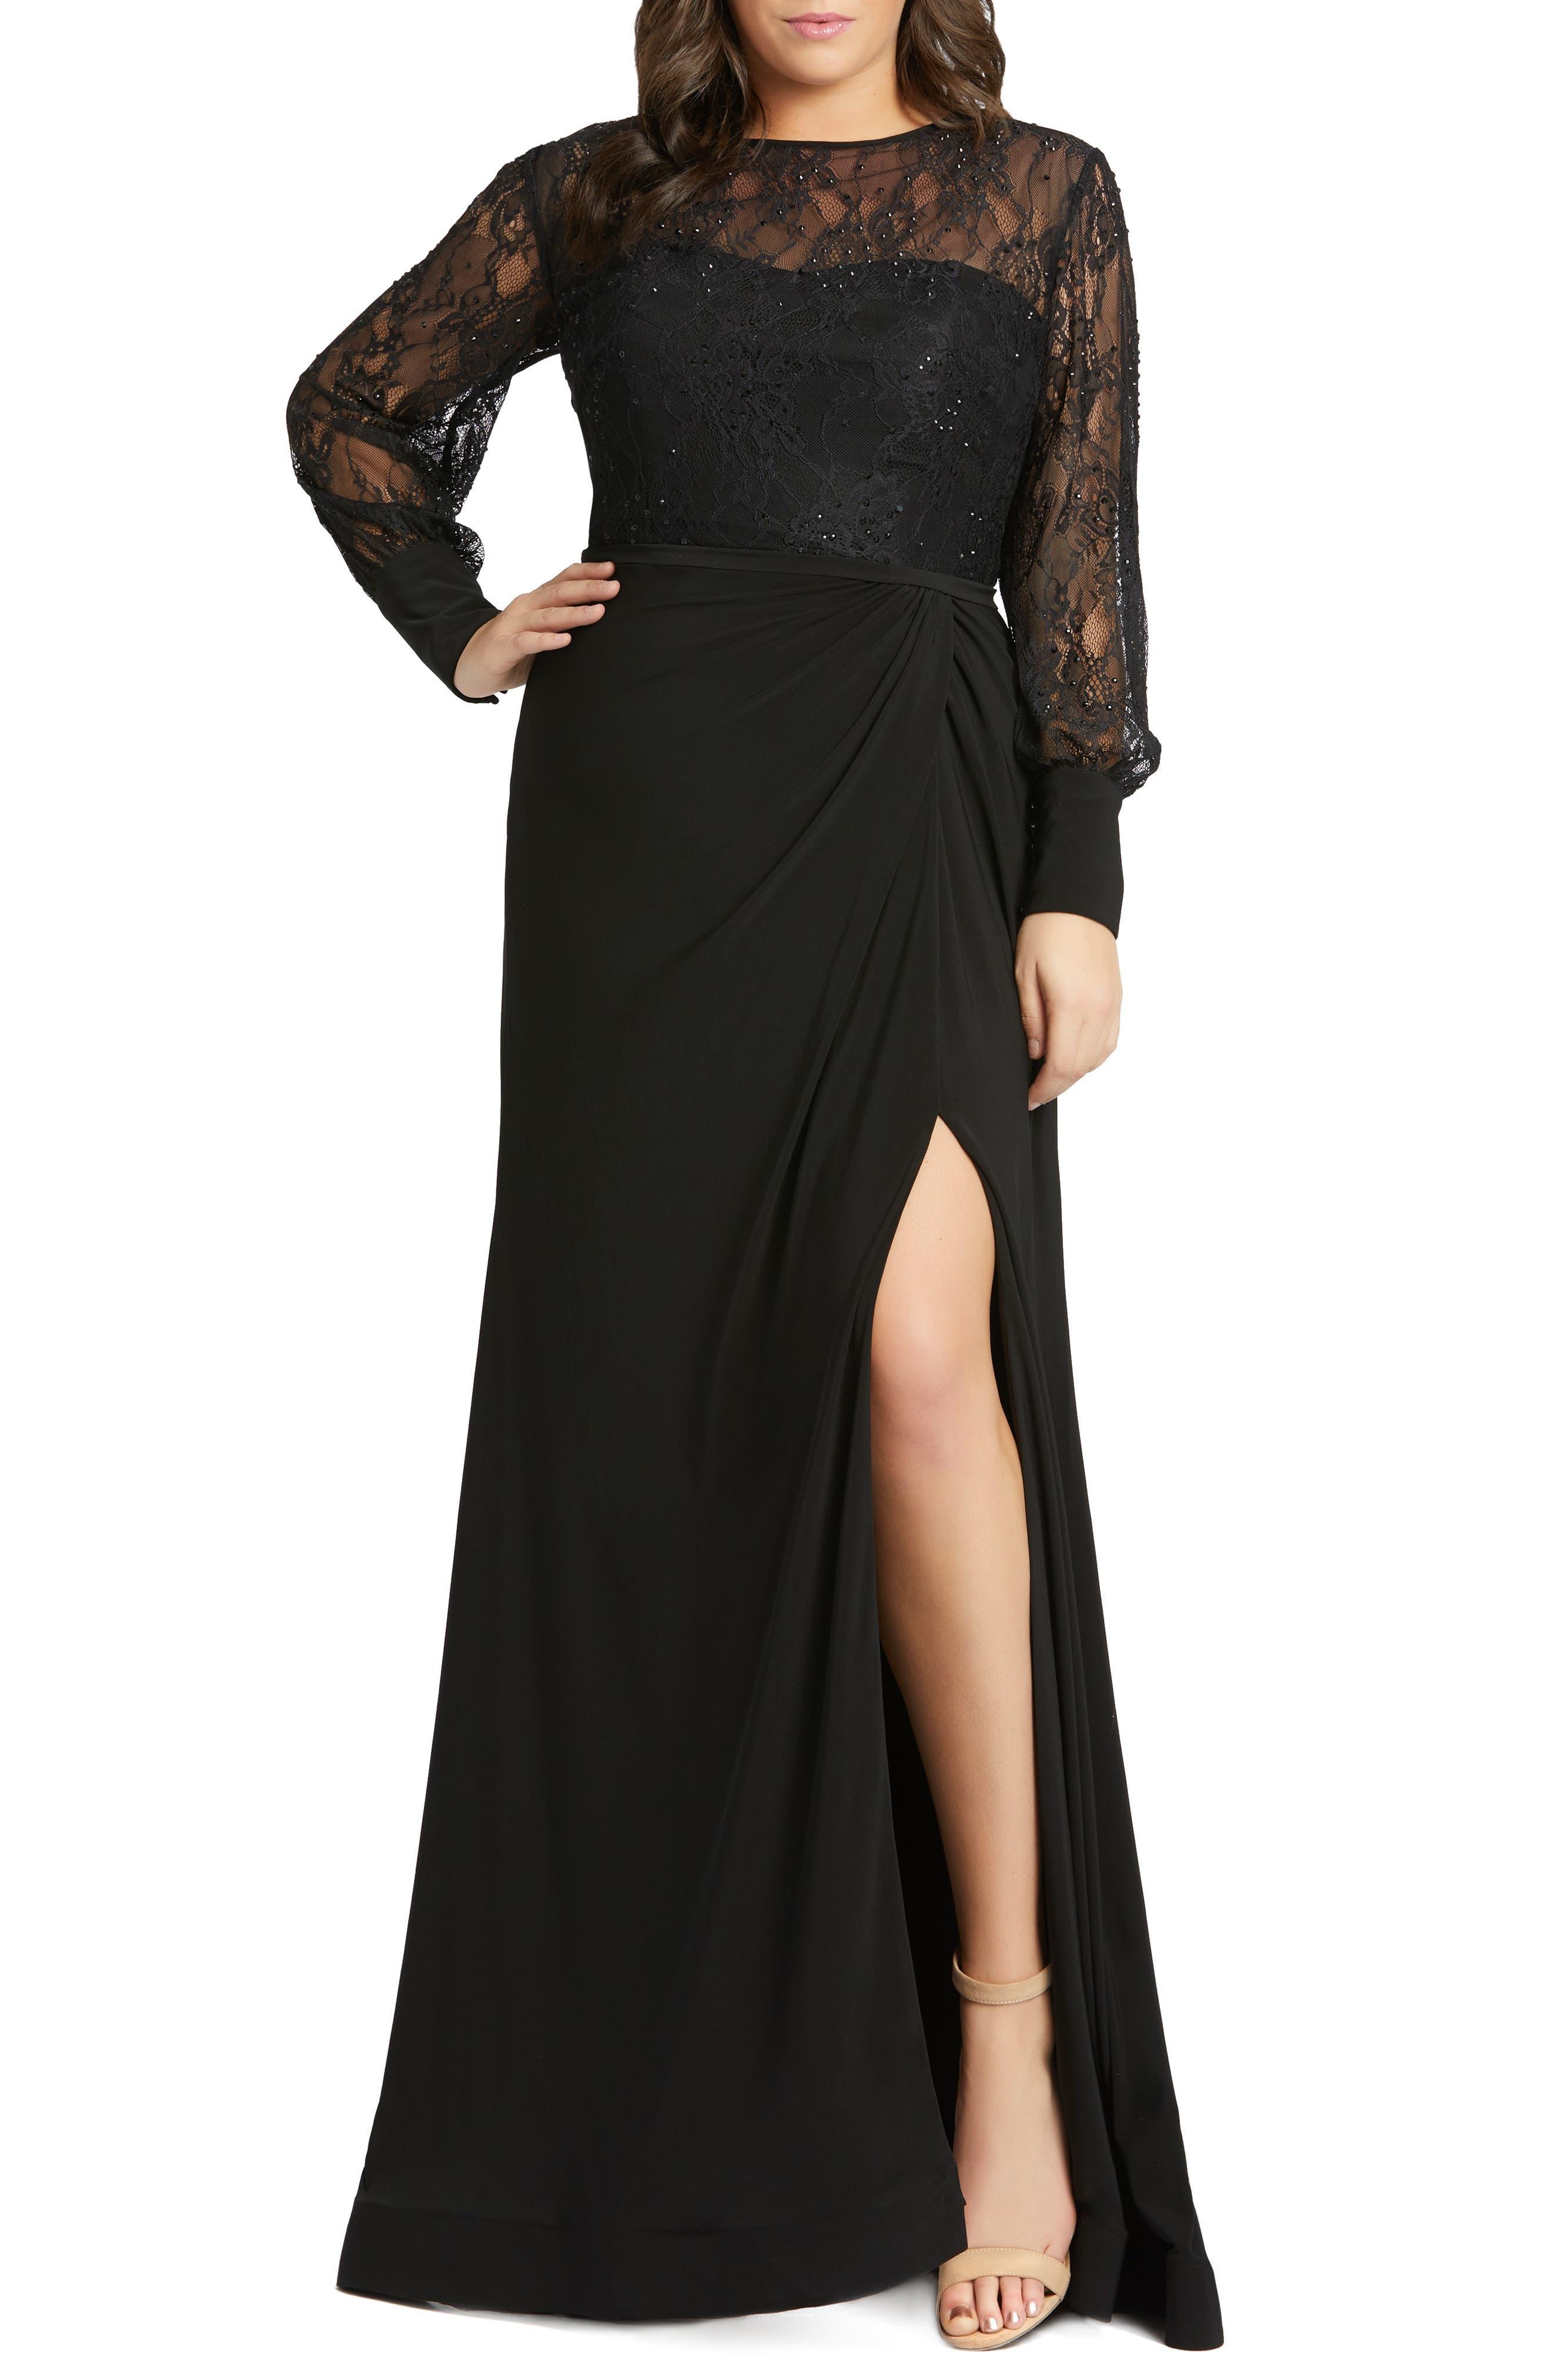 Plus Size Vintage Dresses, Plus Size Retro Dresses Plus Size Womens MAC Duggal Long Sleeve Lace Illusion Gown $398.00 AT vintagedancer.com